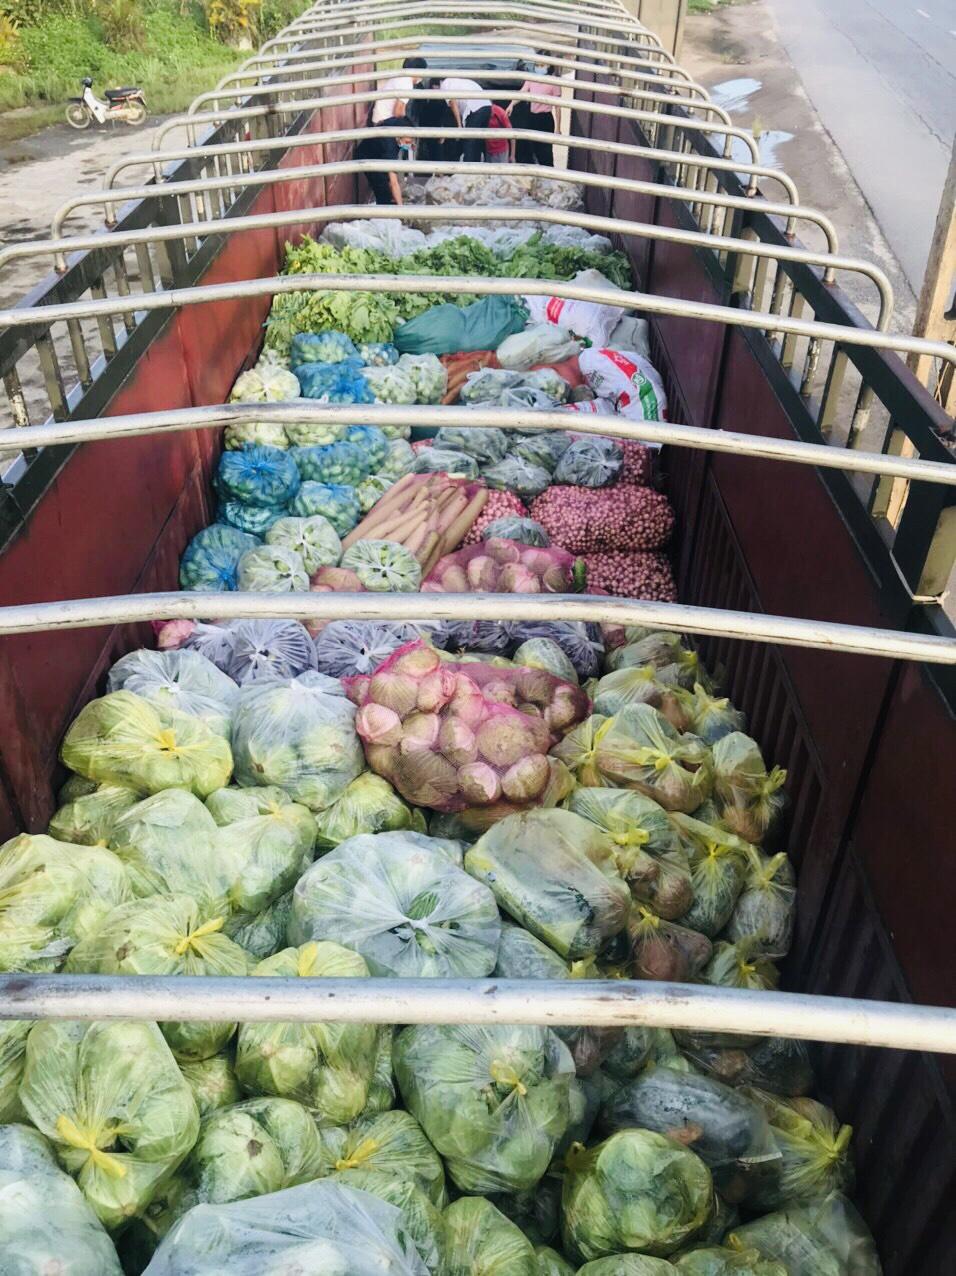 Hội Nông dân Sơn La hỗ trợ trên 100 tấn nông sản cho các tỉnh, thành phố chống dịch - Ảnh 1.